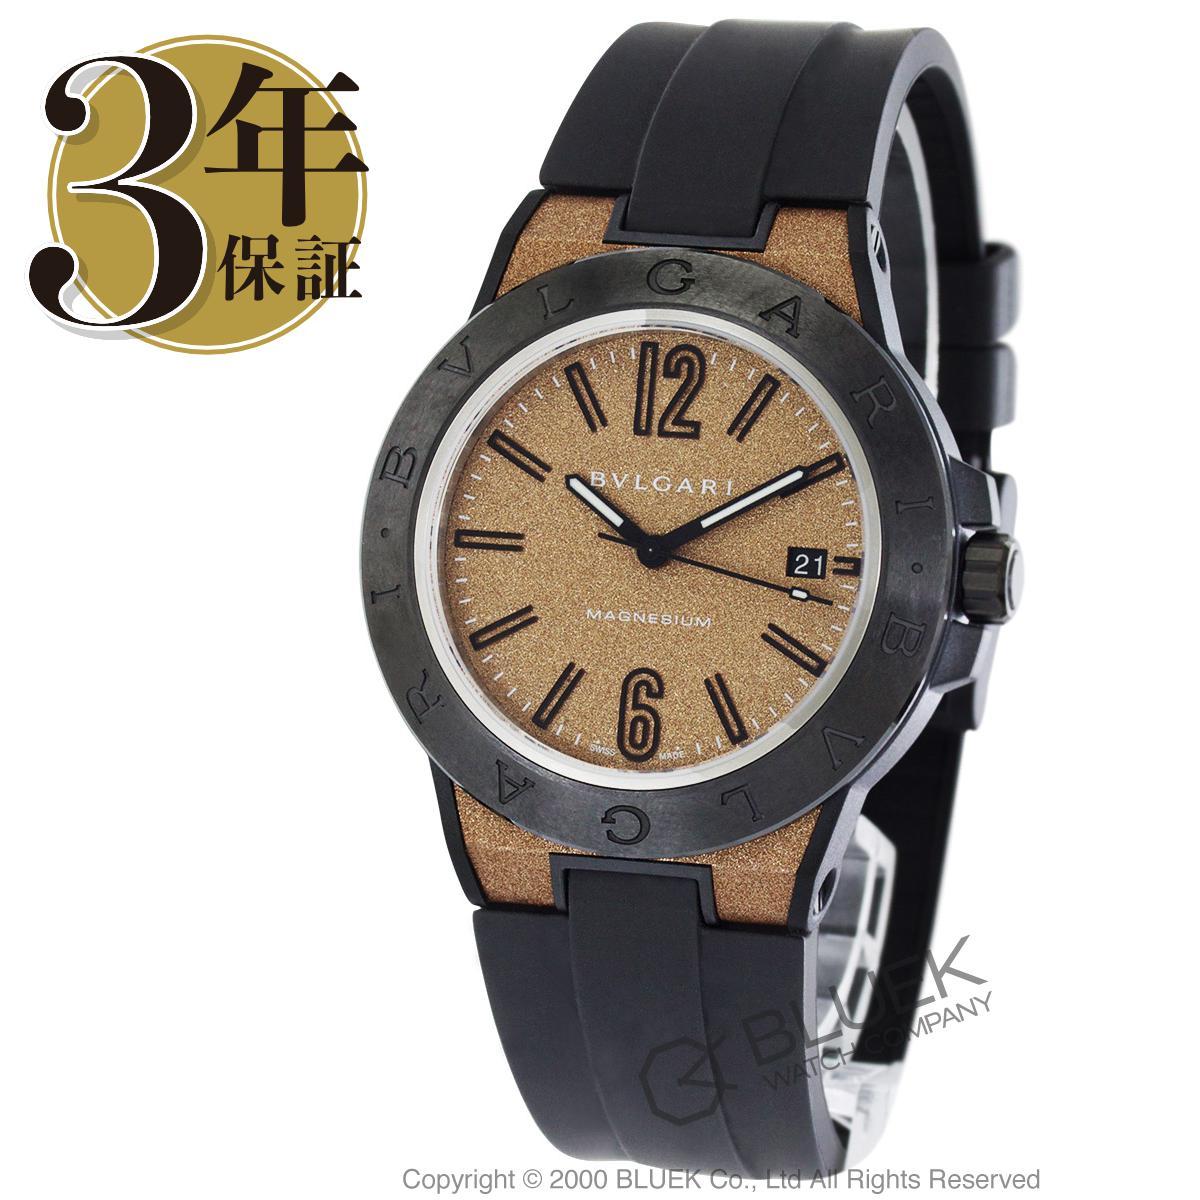 ブルガリ ディアゴノ マグネシウム 腕時計 メンズ BVLGARI DG41C11SMCVD_3